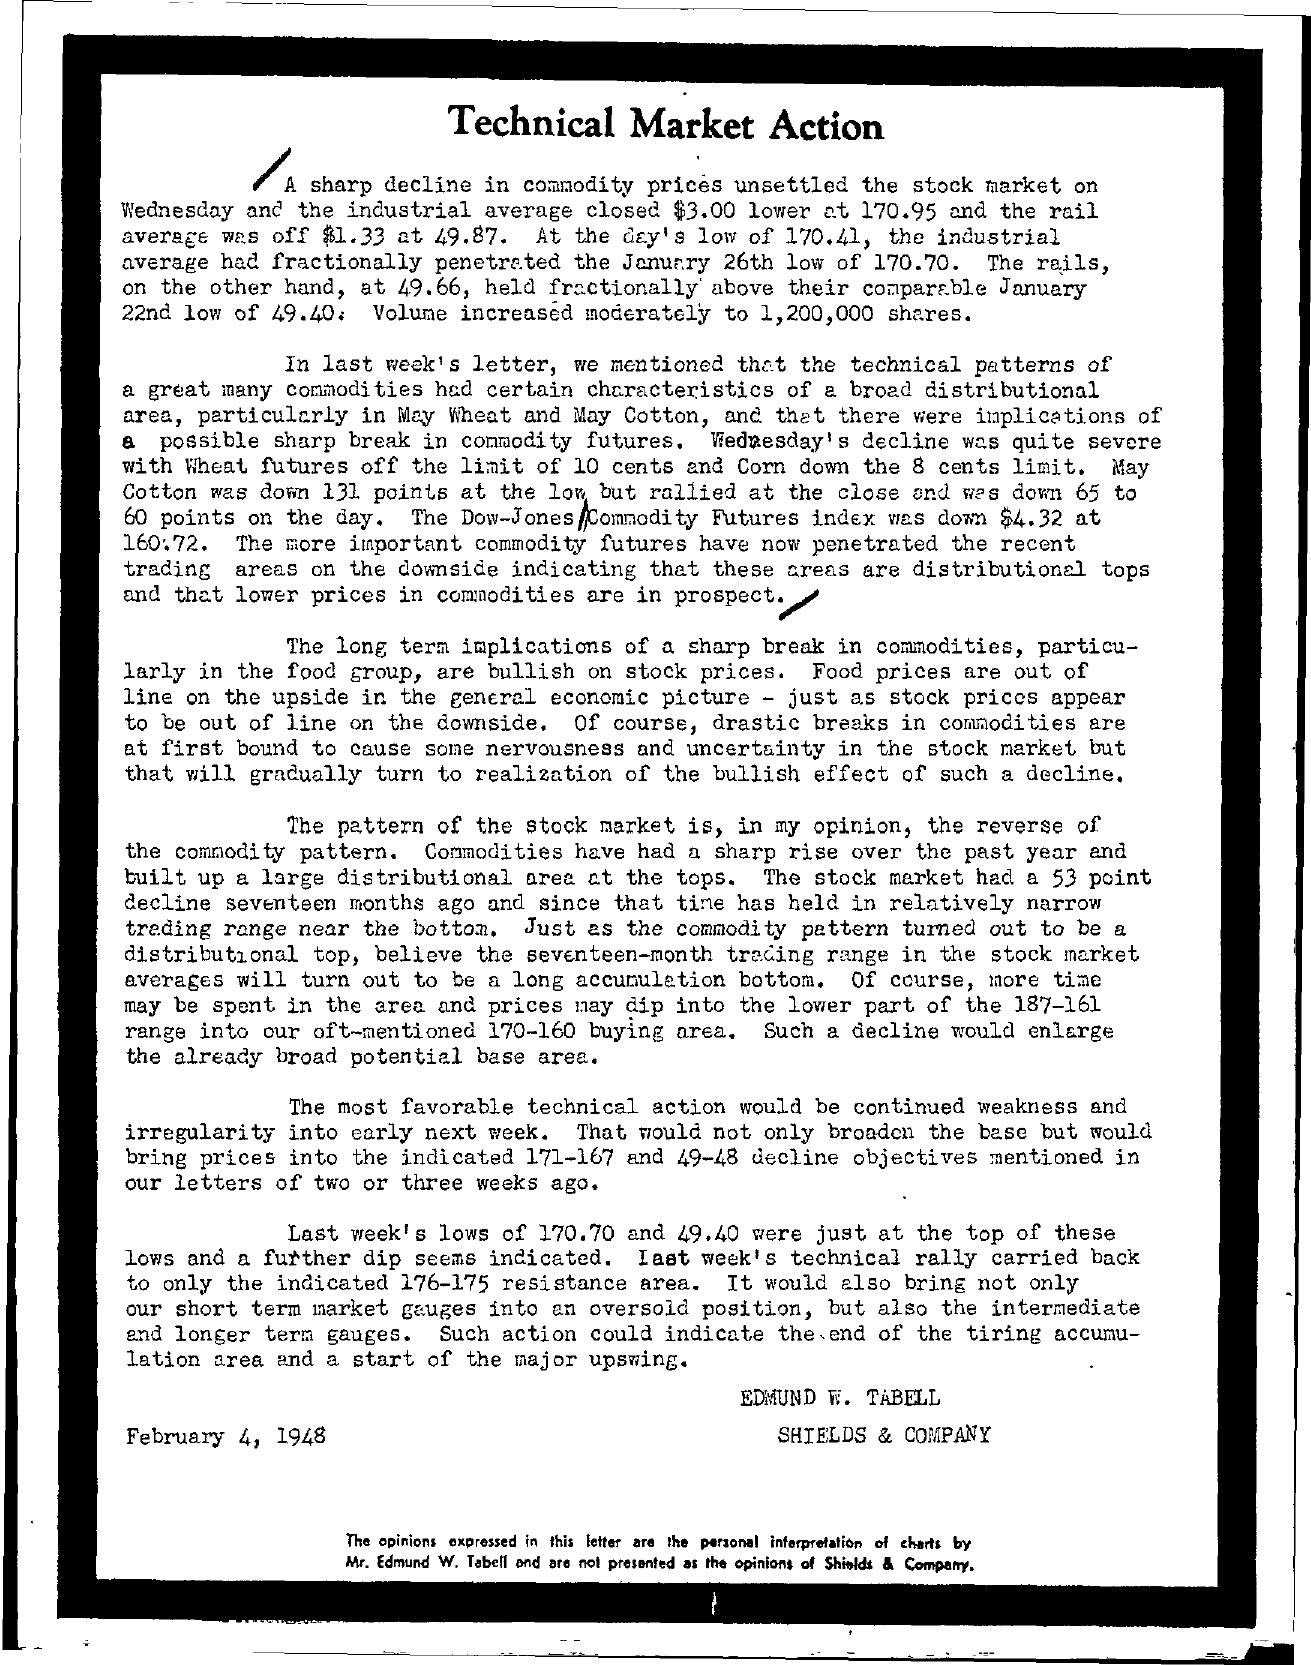 Tabell's Market Letter - February 04, 1948